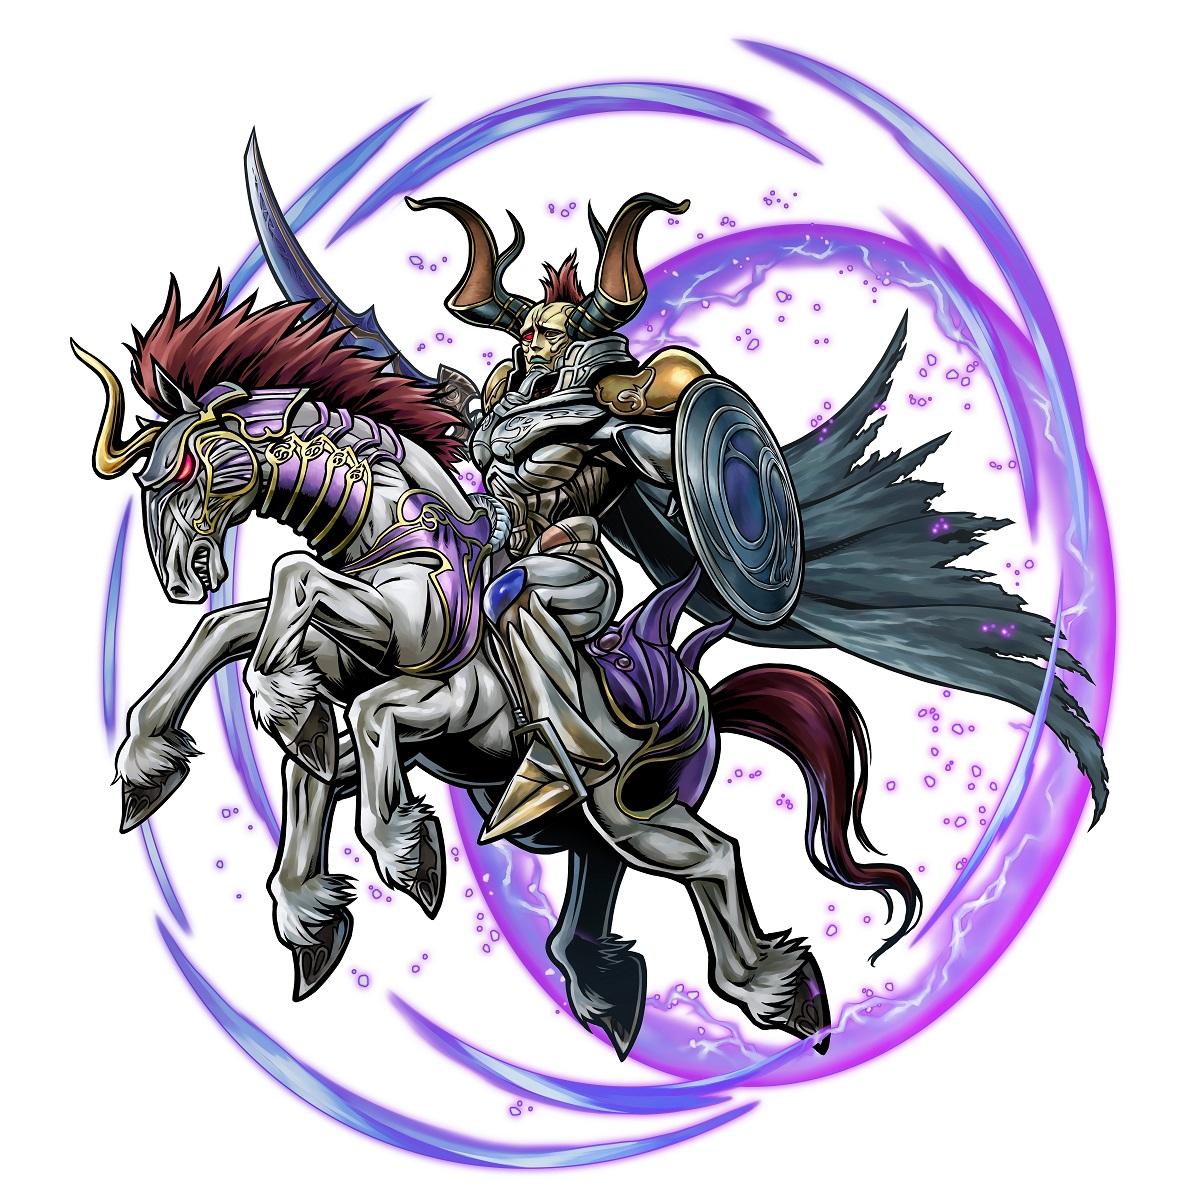 Dissidia Final Fantasy: Opera Omnia k nám dorazí koncem roku 154988